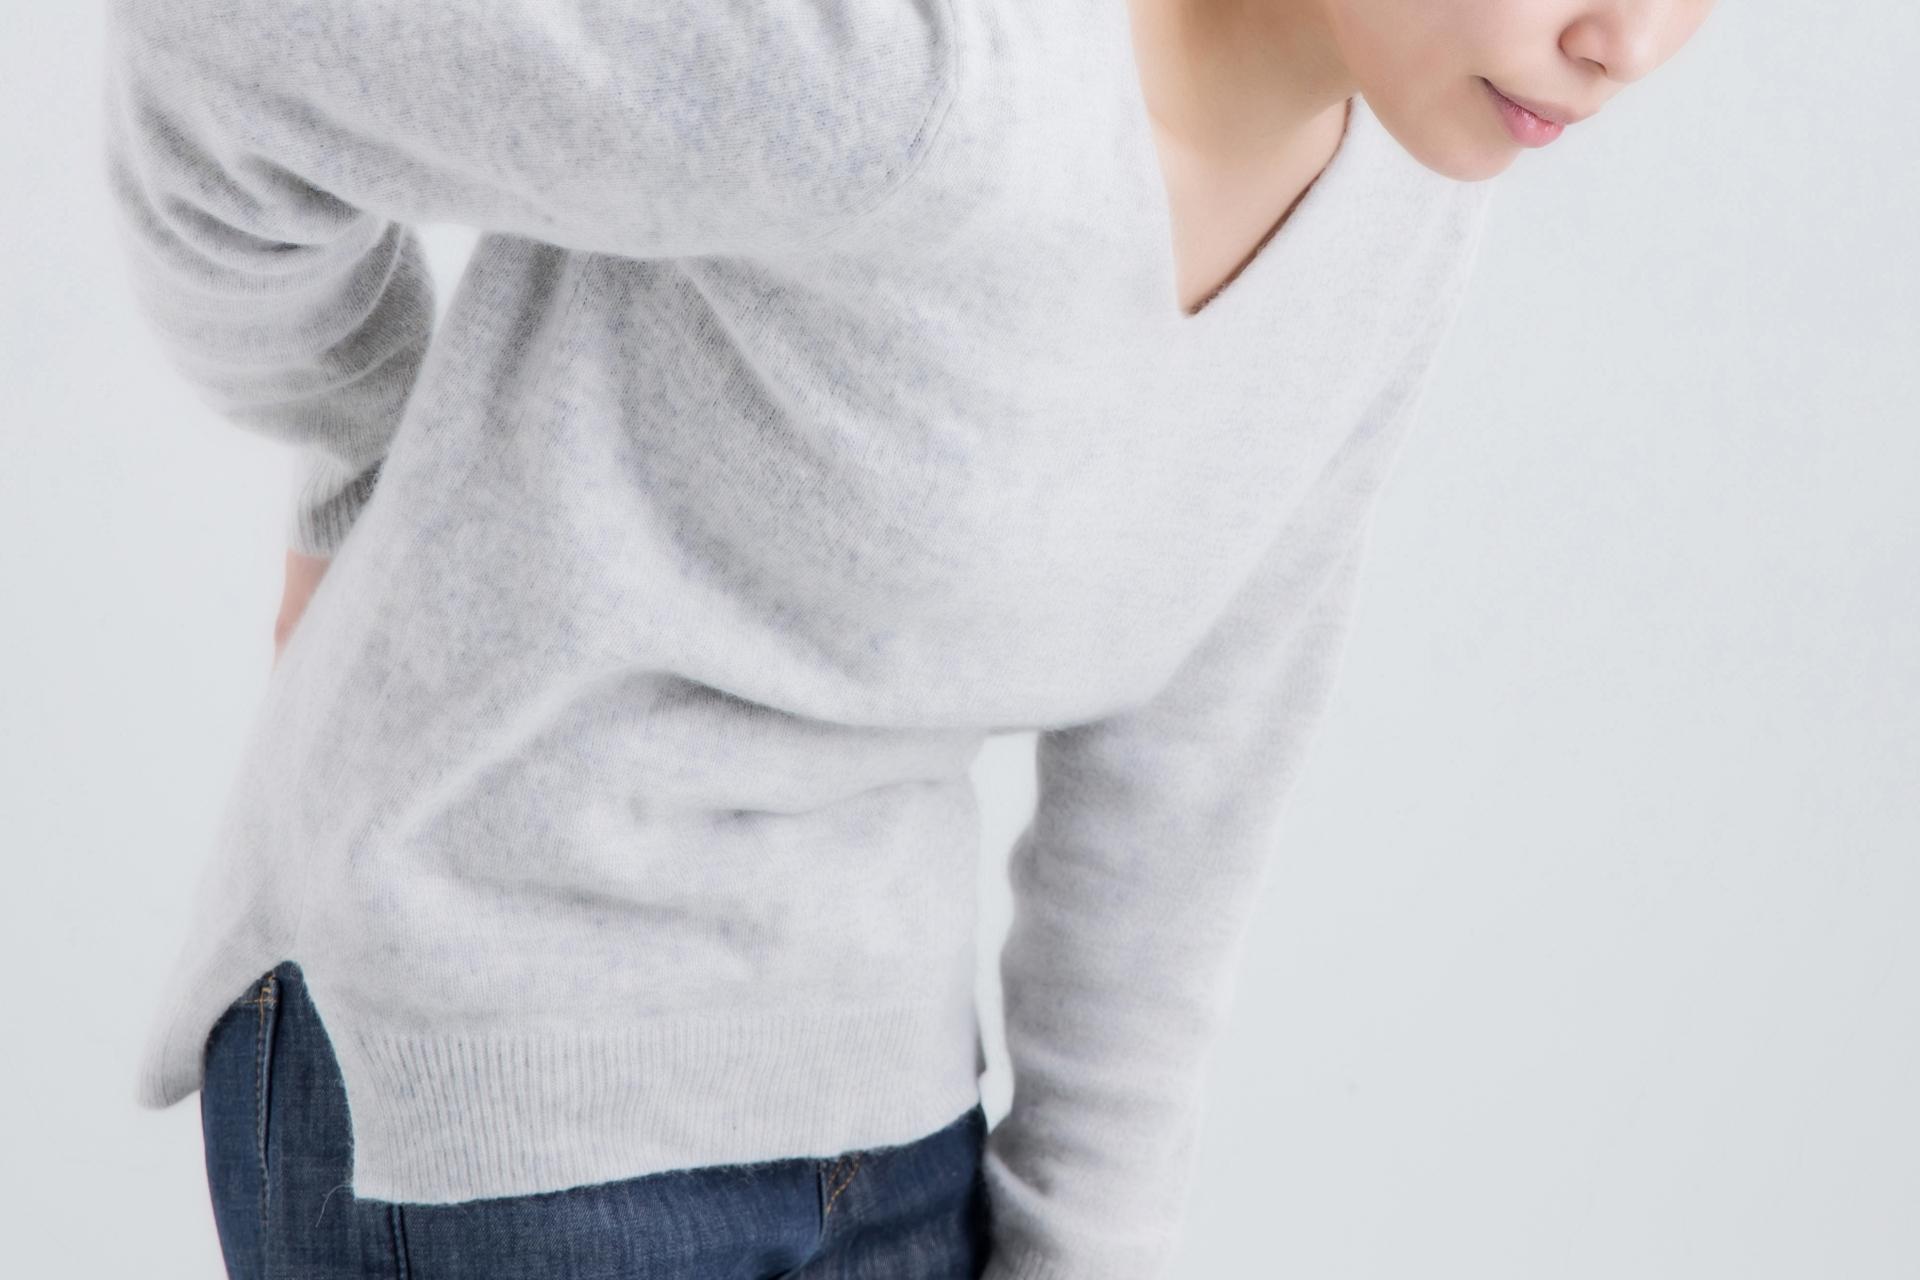 急性膵炎 背中の痛みを感じる女性